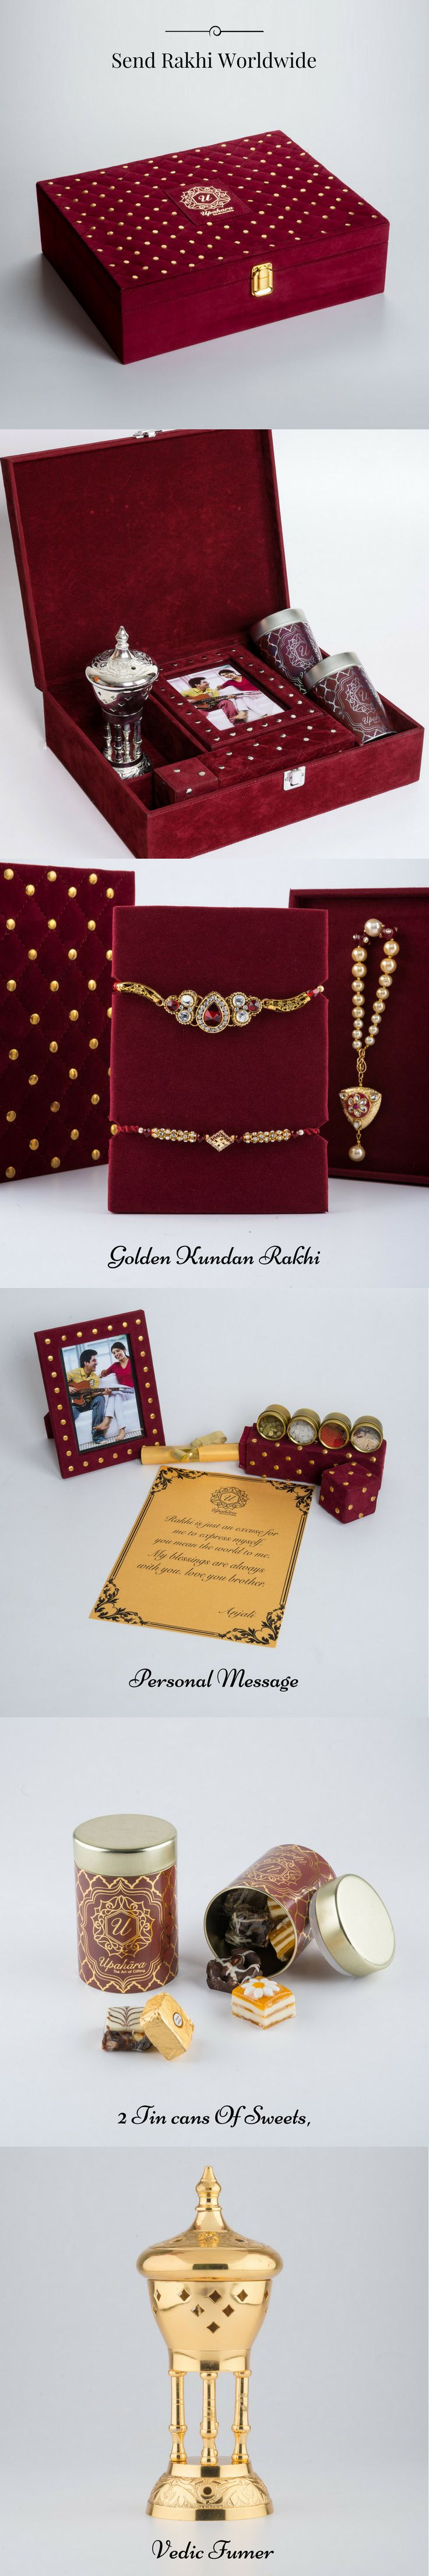 Expensive Rakhi Collection #sendrakhitousa Send Rakhi Online to Kuwait Riyadh Jeddah #sendrakhitoUK #PremiumRakhi #StoneRakhi #OnlineRakhi #upahararakhi #sendrakhiindia #sendrakhiAustralia #BhabhiRakhi #goldrakhiusa #pearlrakhi #sendrakhitodubai #sendrakhitokuwait #sandalwood #sandalwoodrakhi #sendrakhi #online #silverrakhi #gold #rakhi #onlineshopping #shopping #rakshabandhan